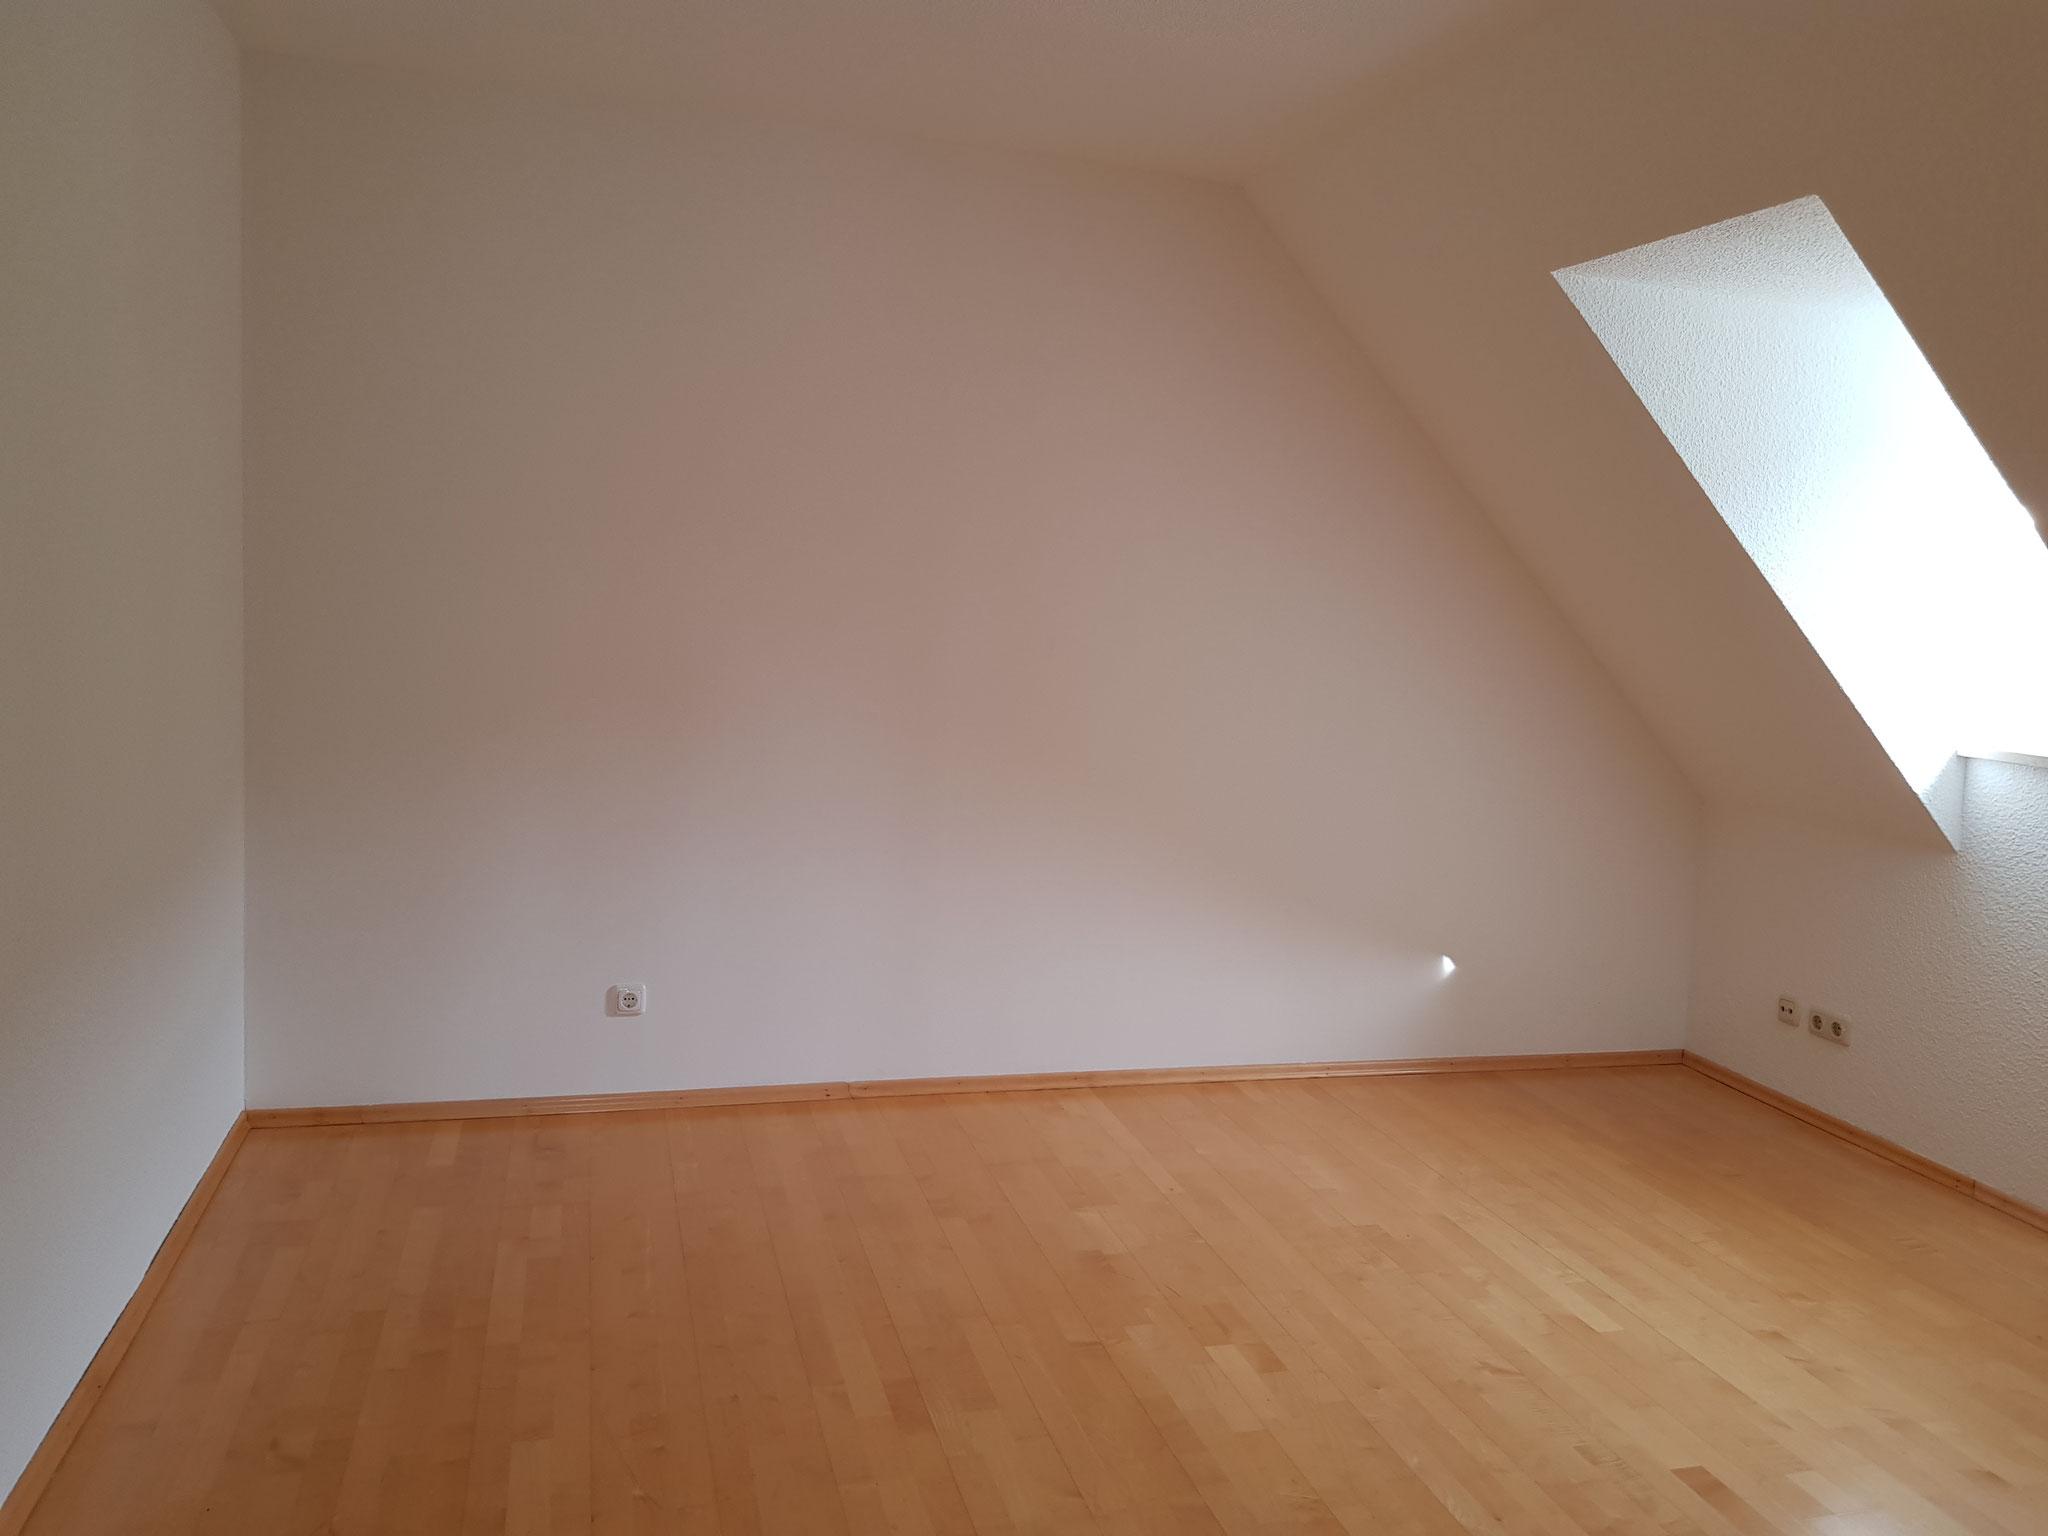 Dachgeschoss West - Hausgemeinschaft Jochenstein